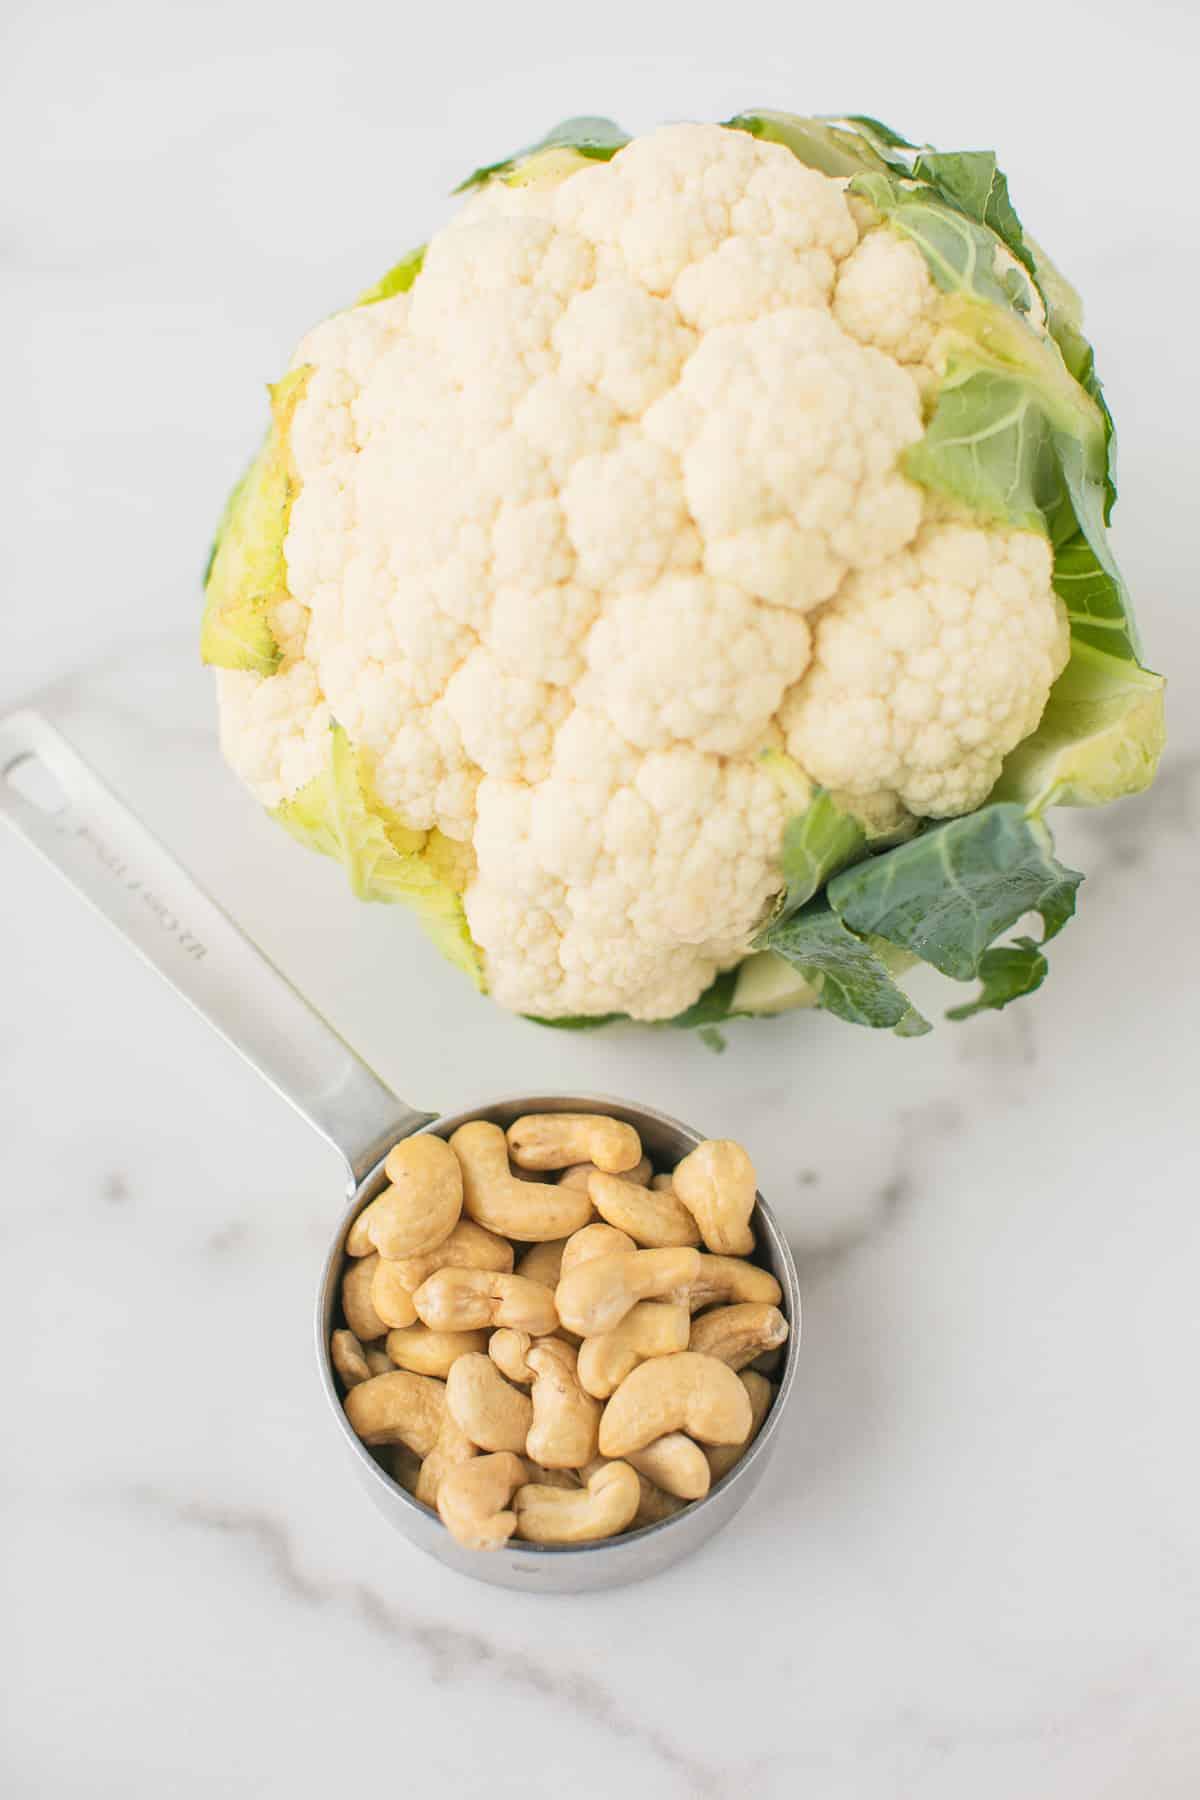 cauliflower and cashews